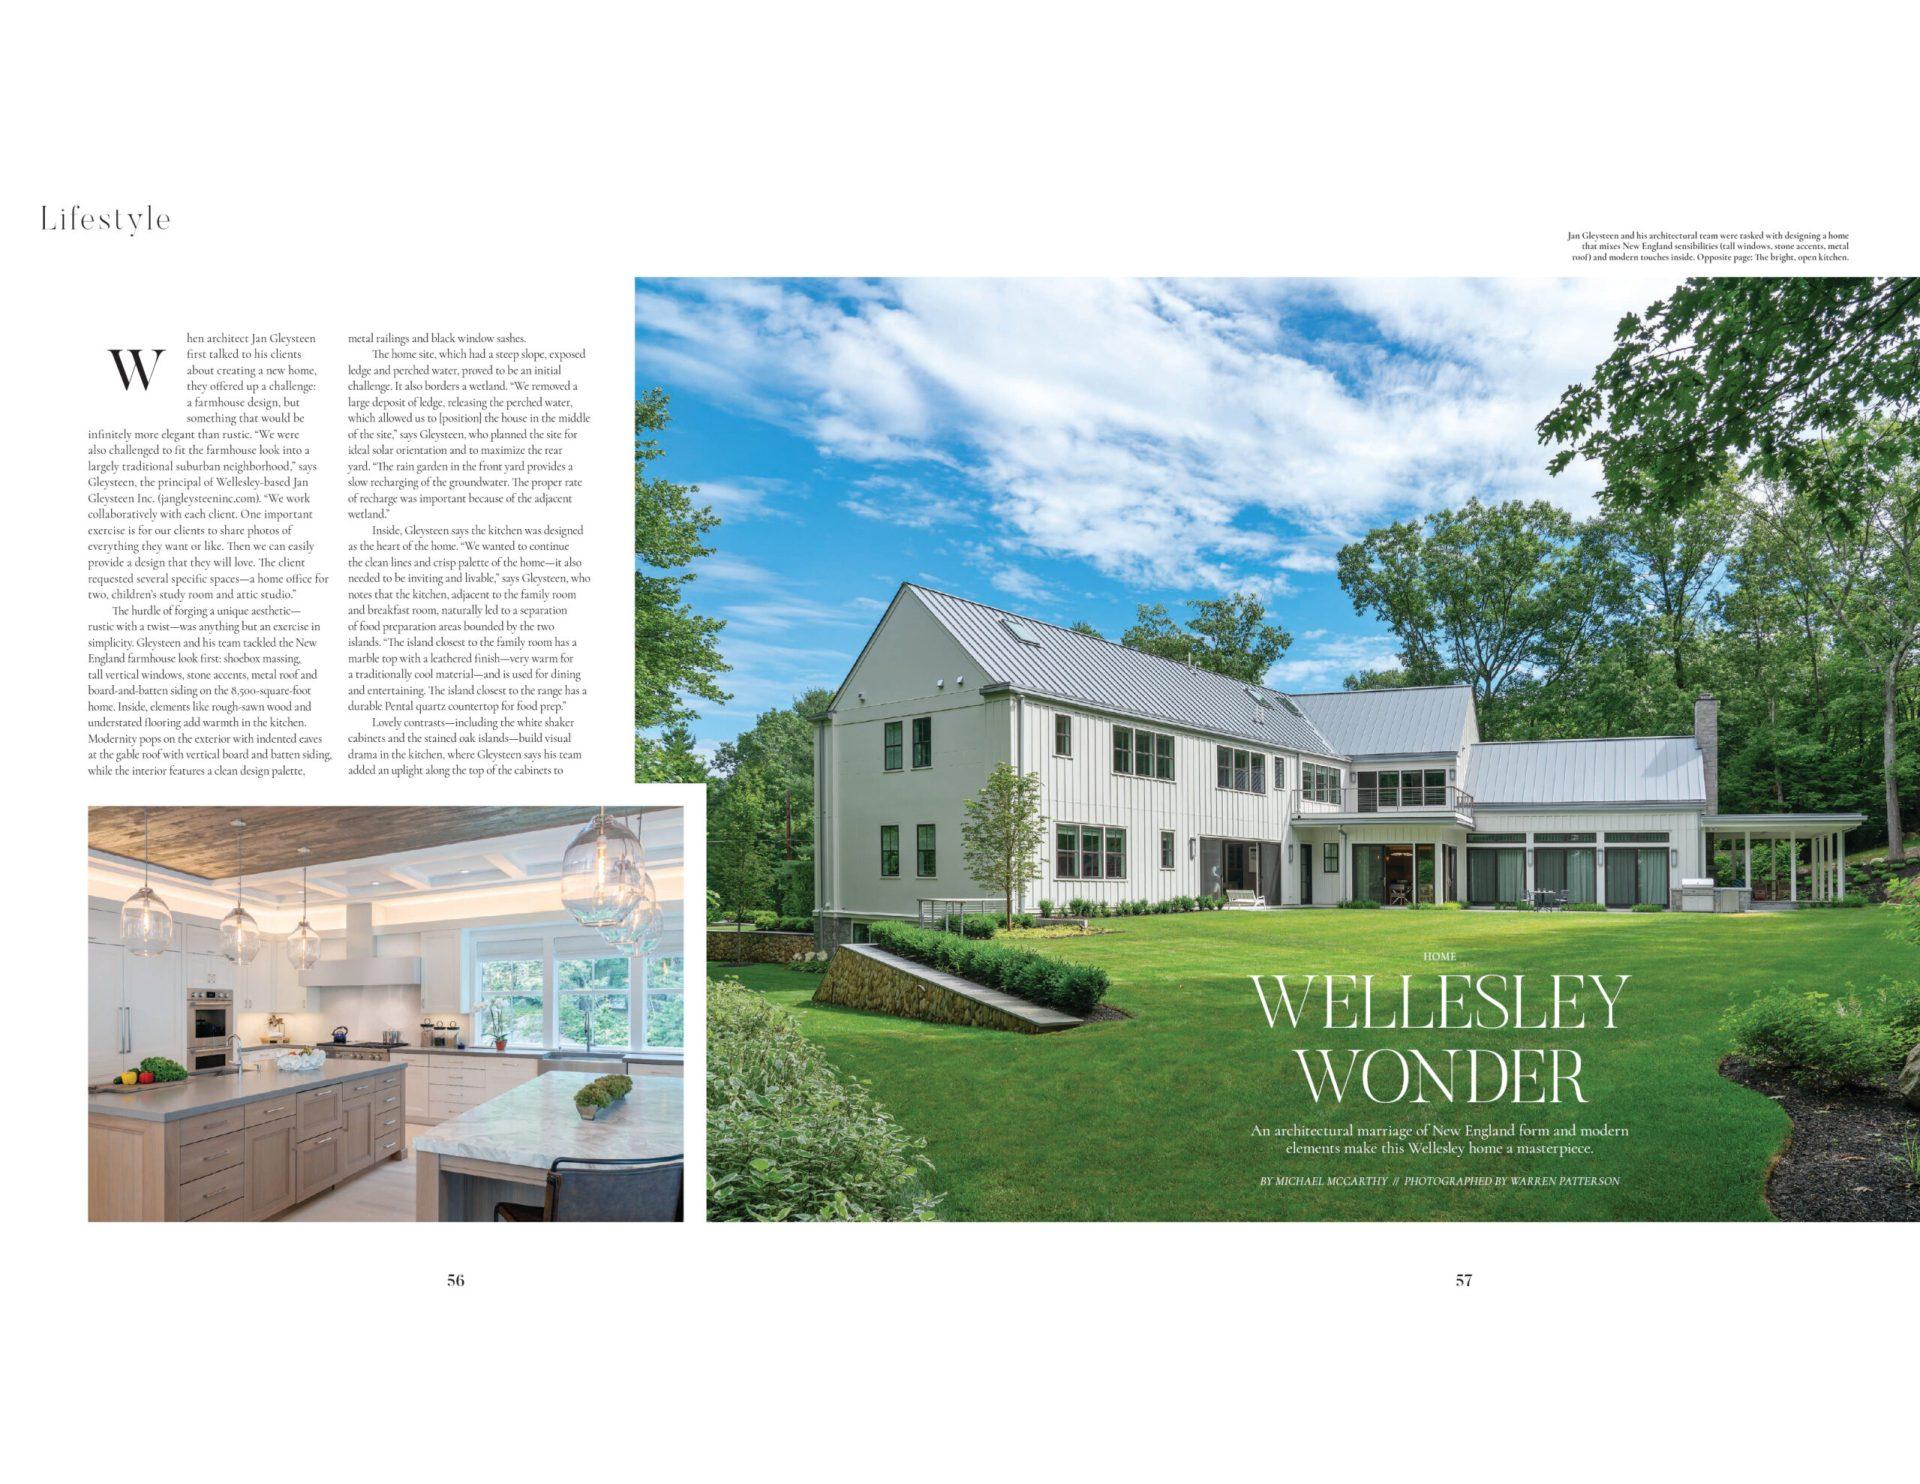 Wellesley Wonder